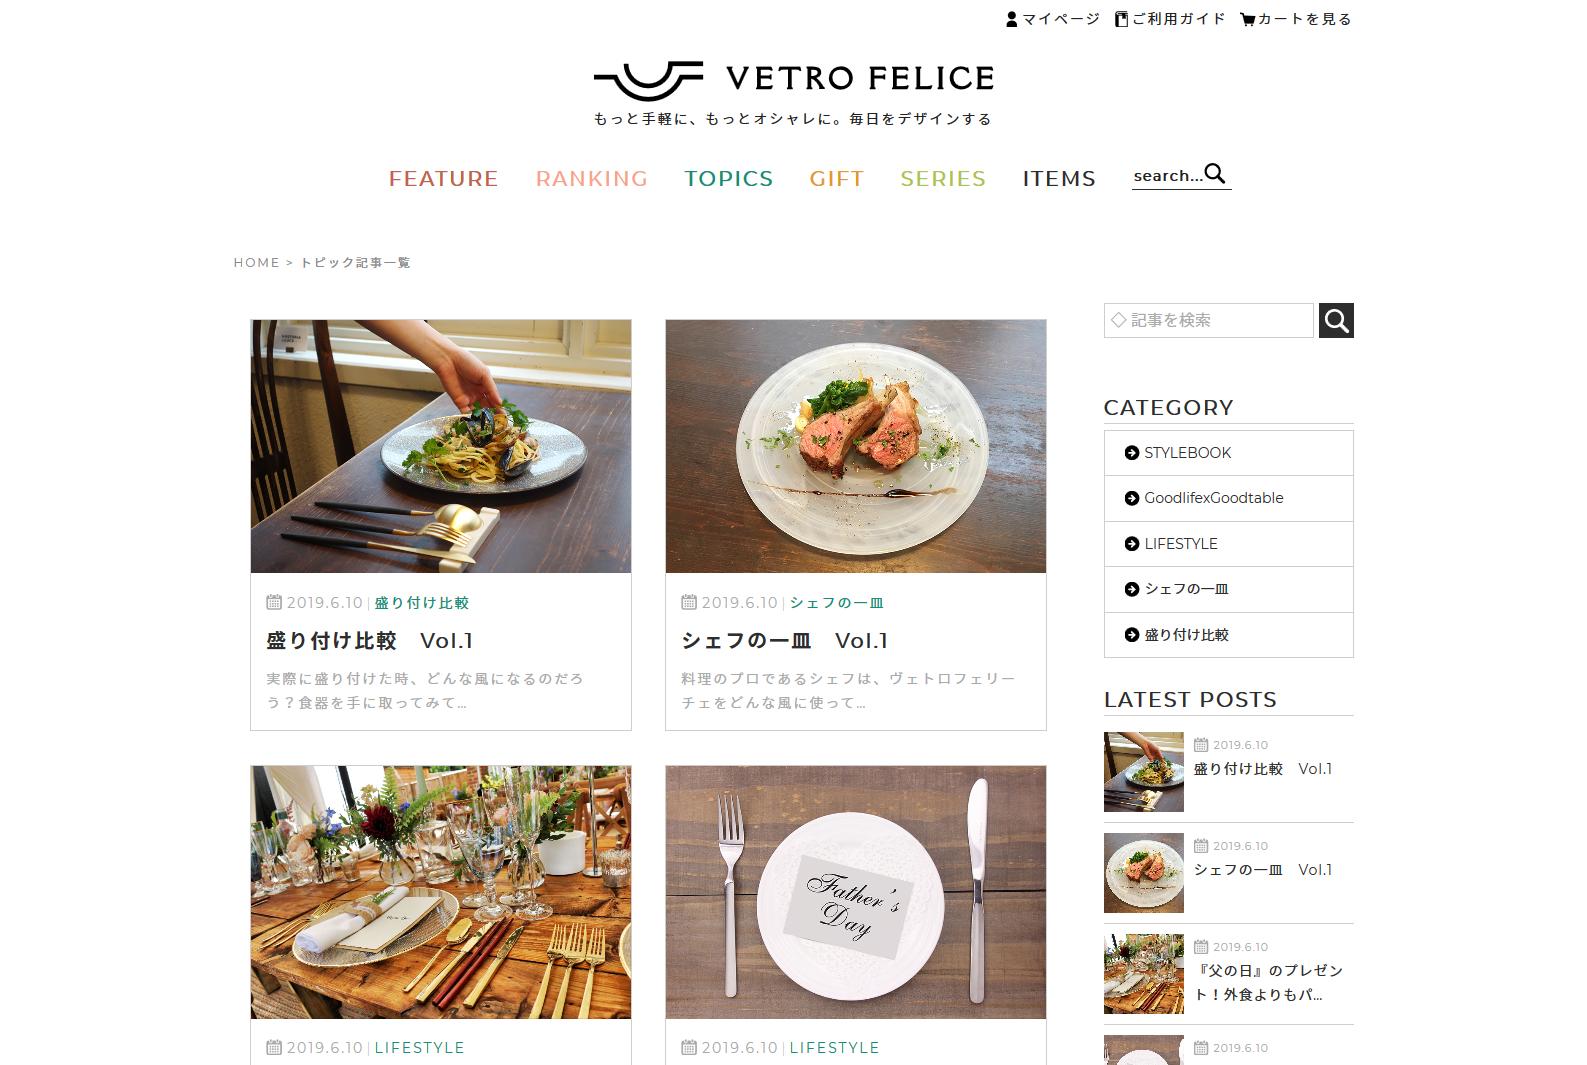 Vetro Felice サイト コラム一覧画面